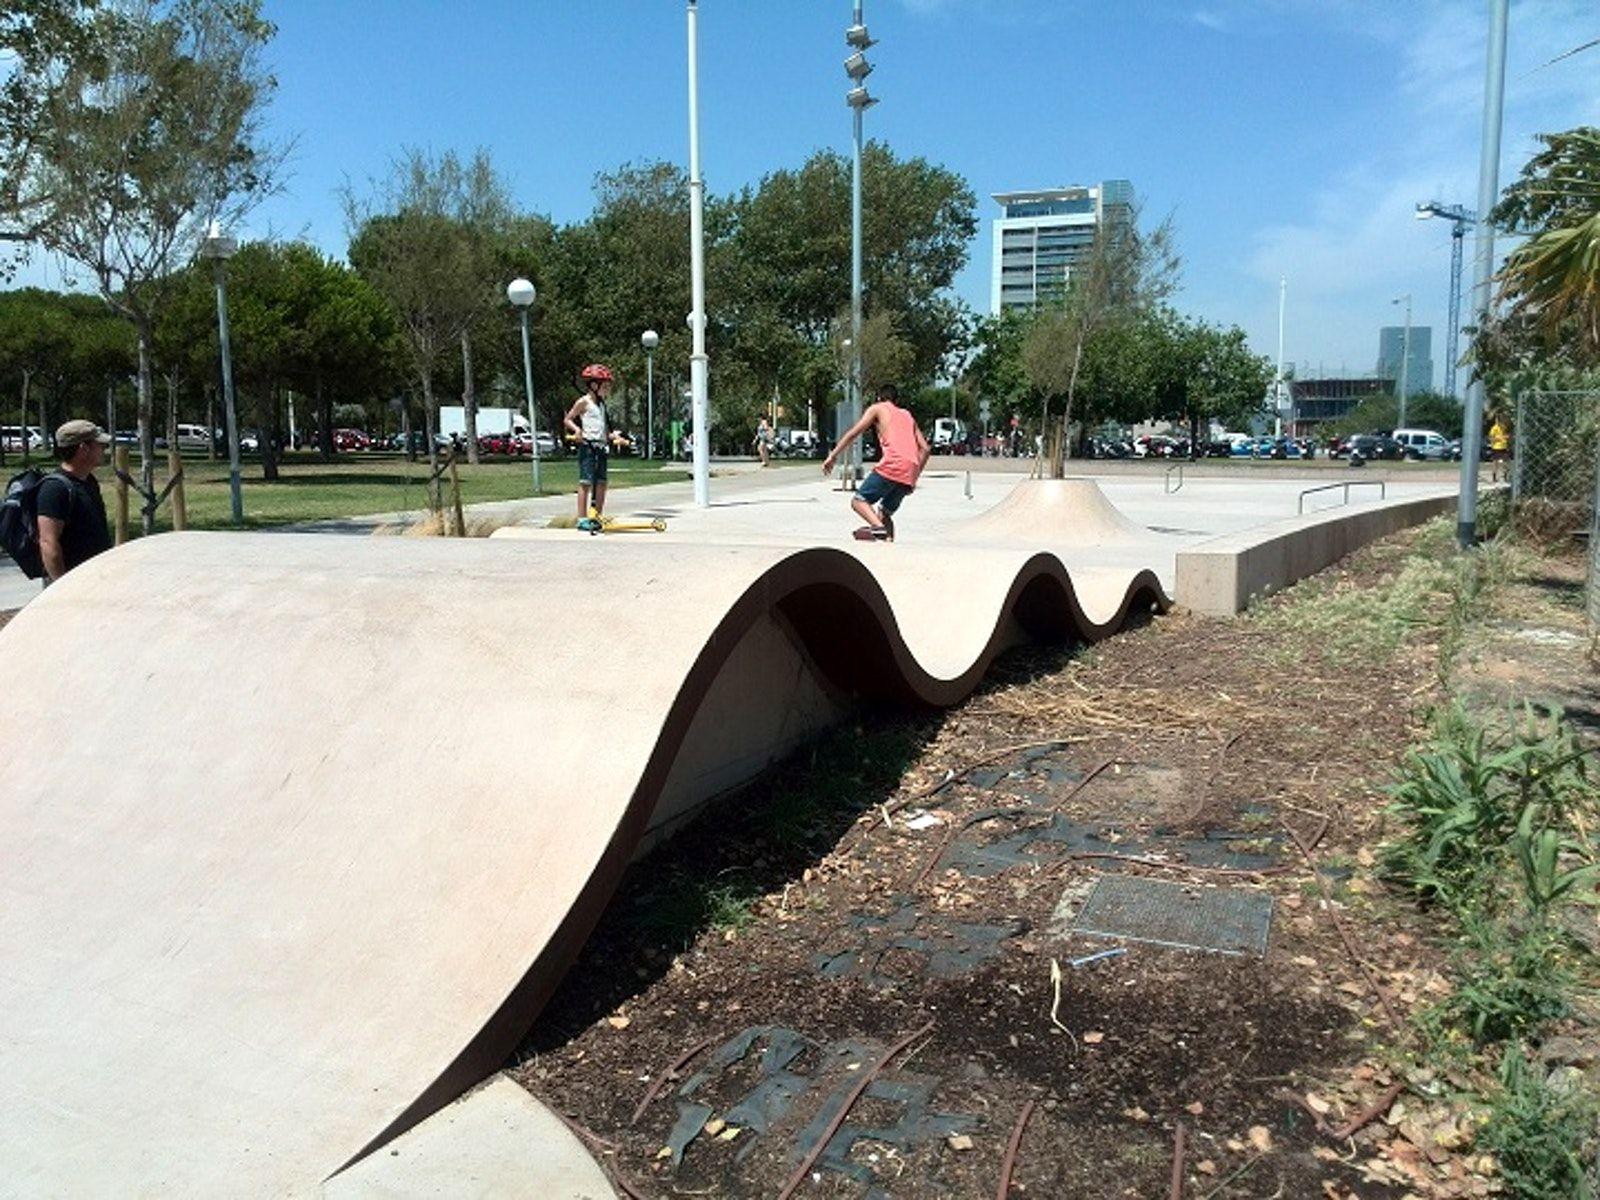 Marbella Skatepark Barcelona Is For Everyone Marbella Skate